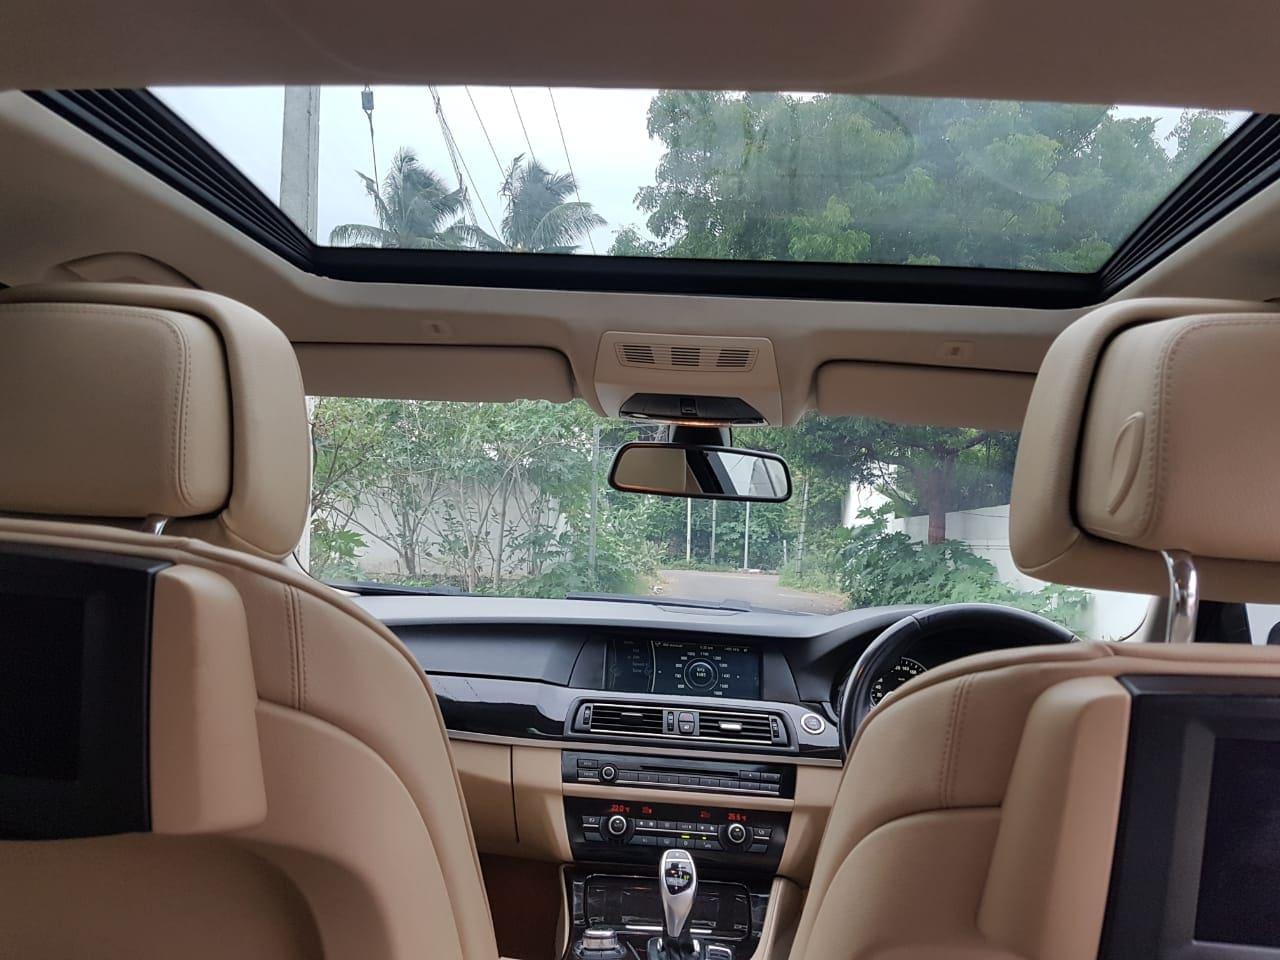 BMW 5 Series 2010-2013 530d Sedan 3.0